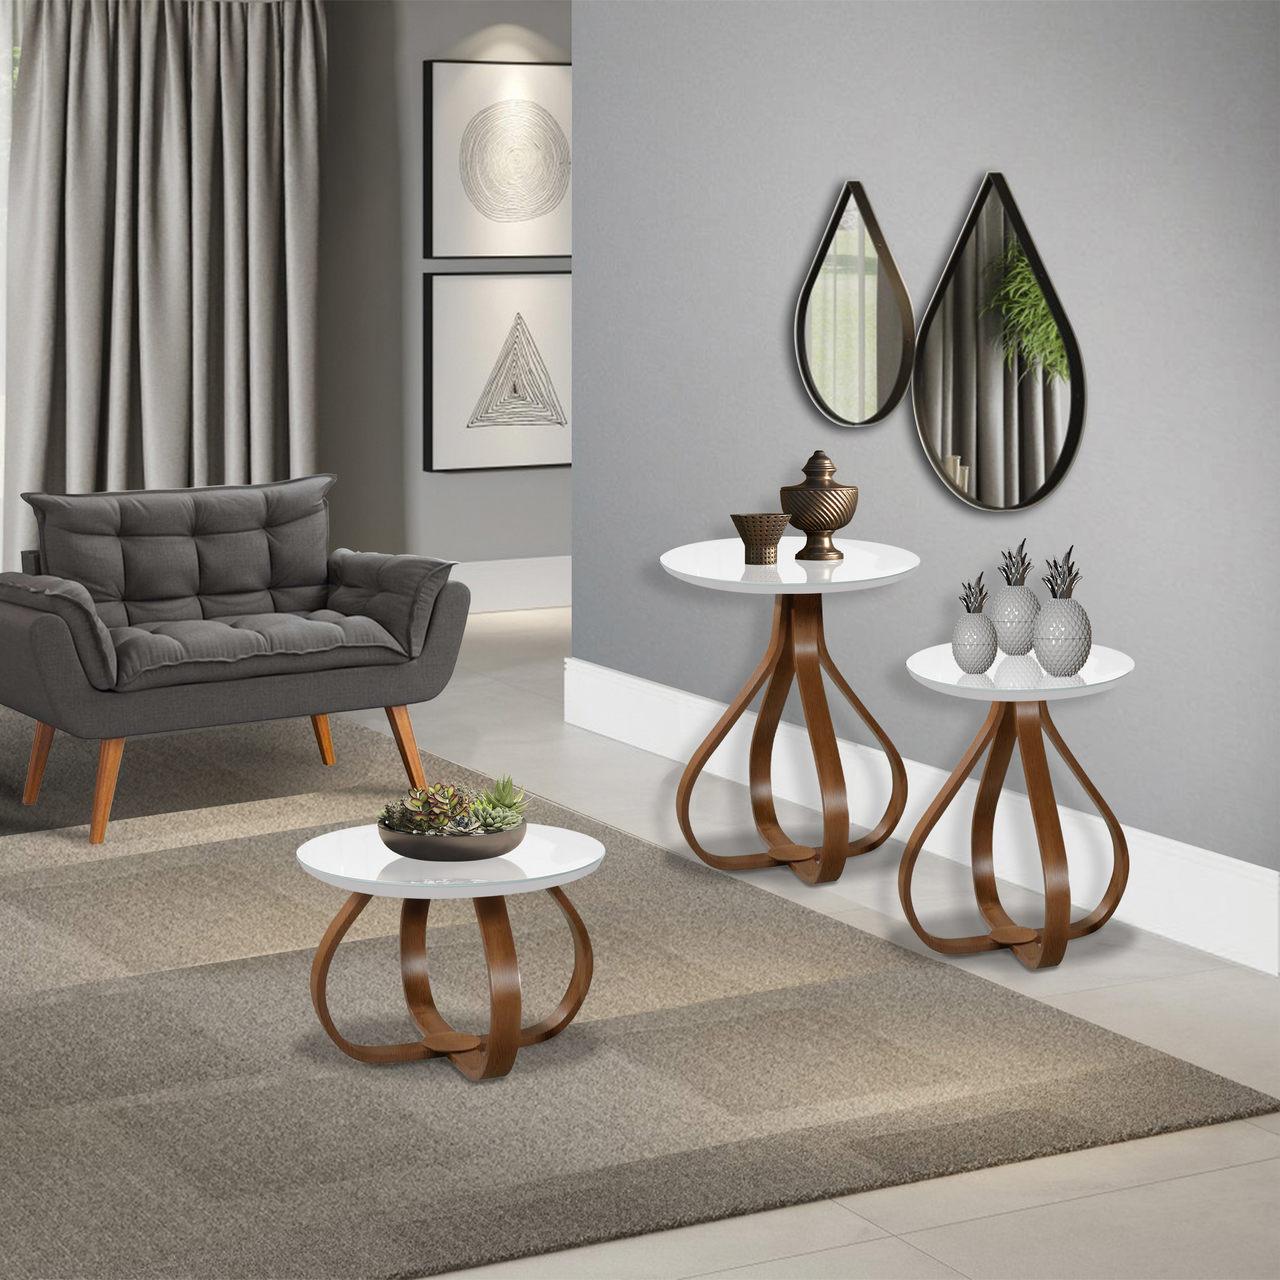 Conjunto de mesas decorativas Bella para canto e centro sala